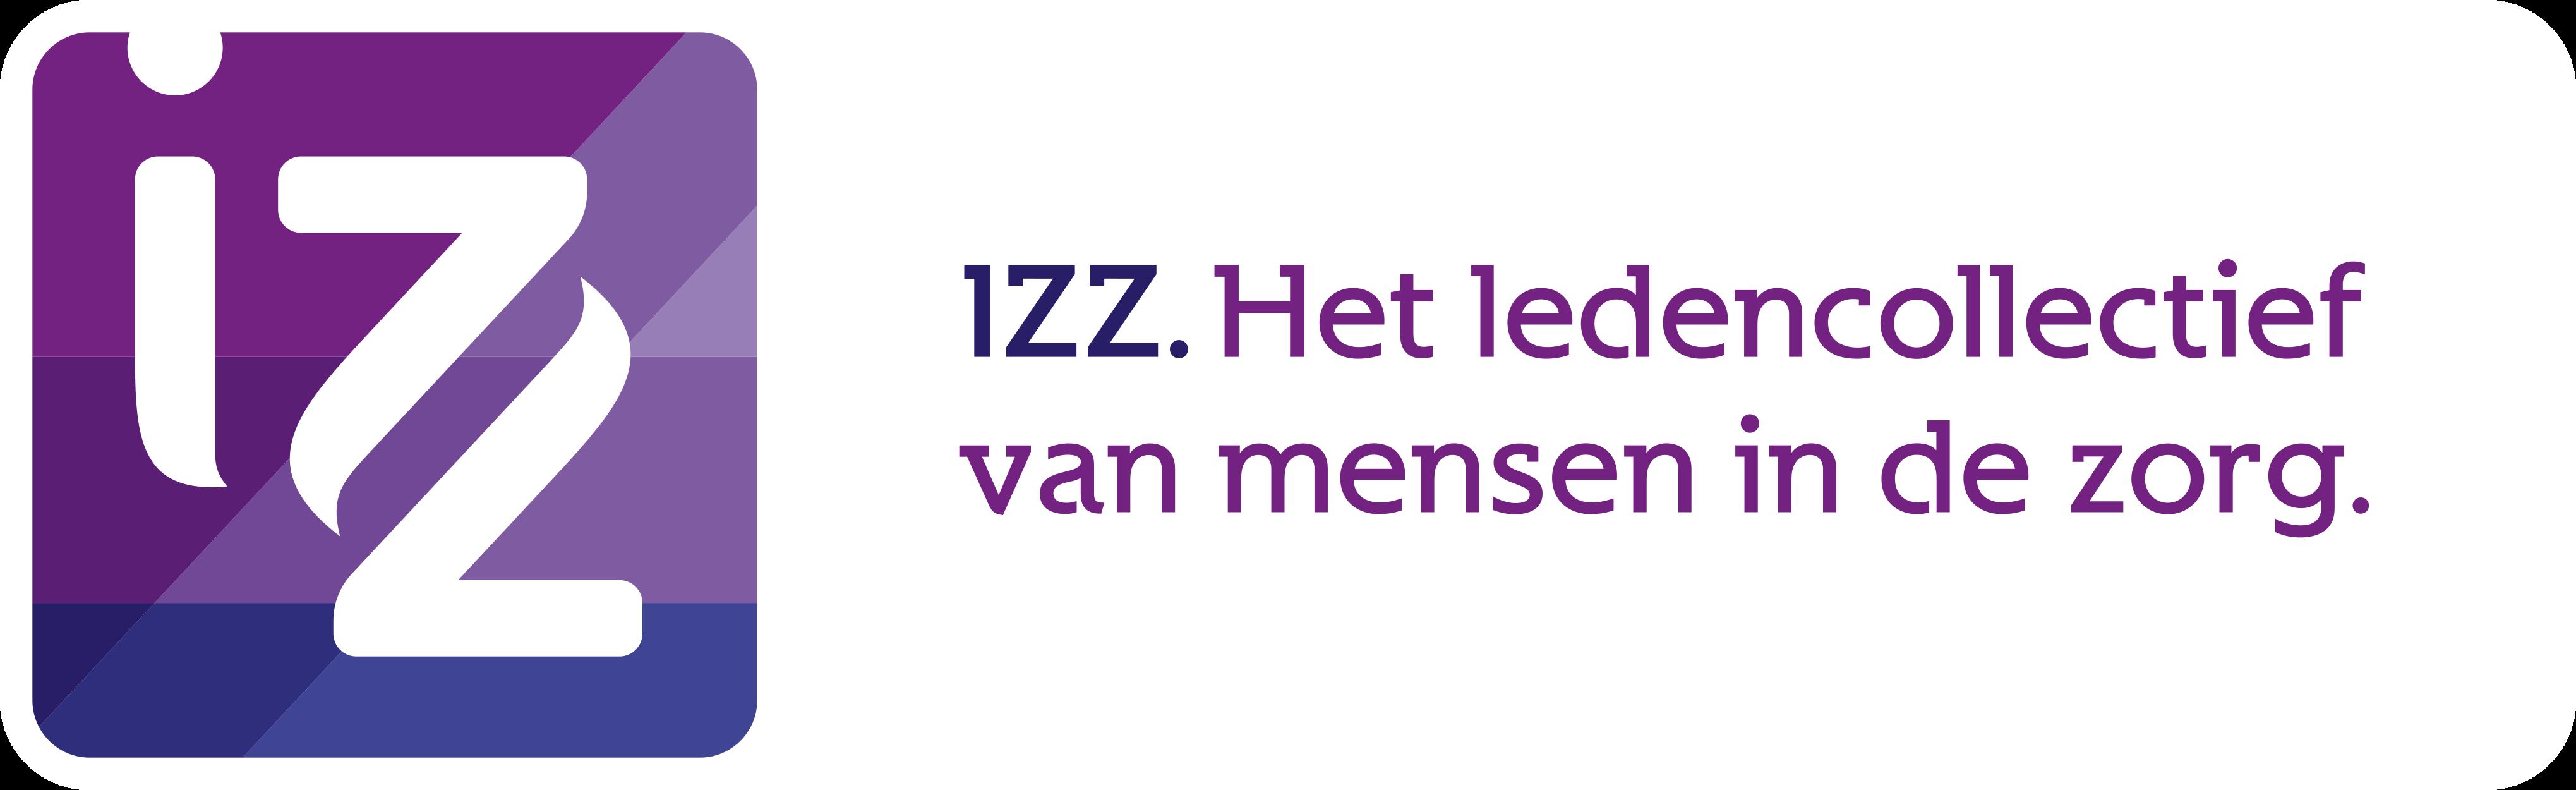 Stichting IZZ